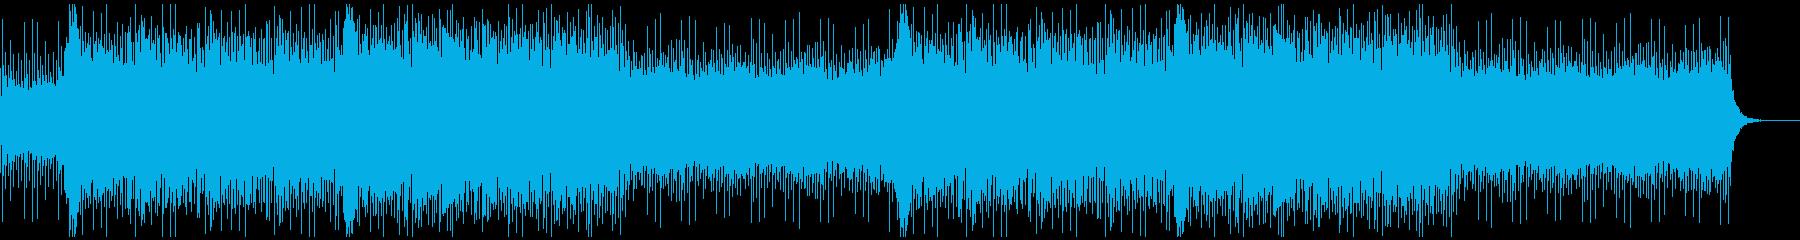 ホラーゲームなどのシーンBGMの再生済みの波形